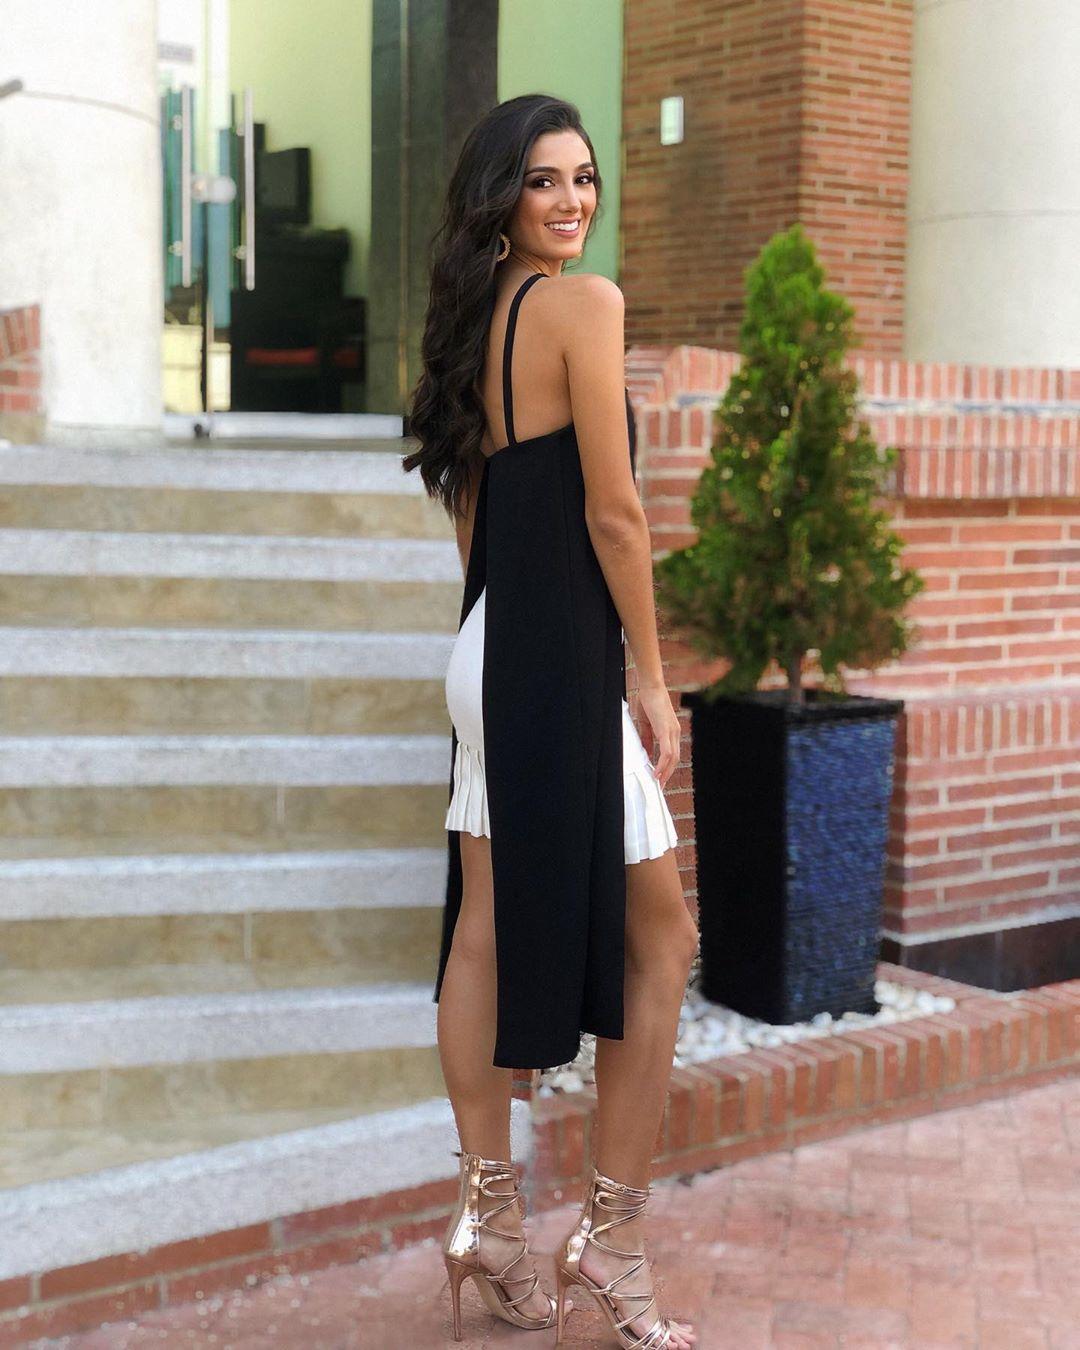 mariana jaramillo, miss charm colombia 2020. - Página 2 84524910